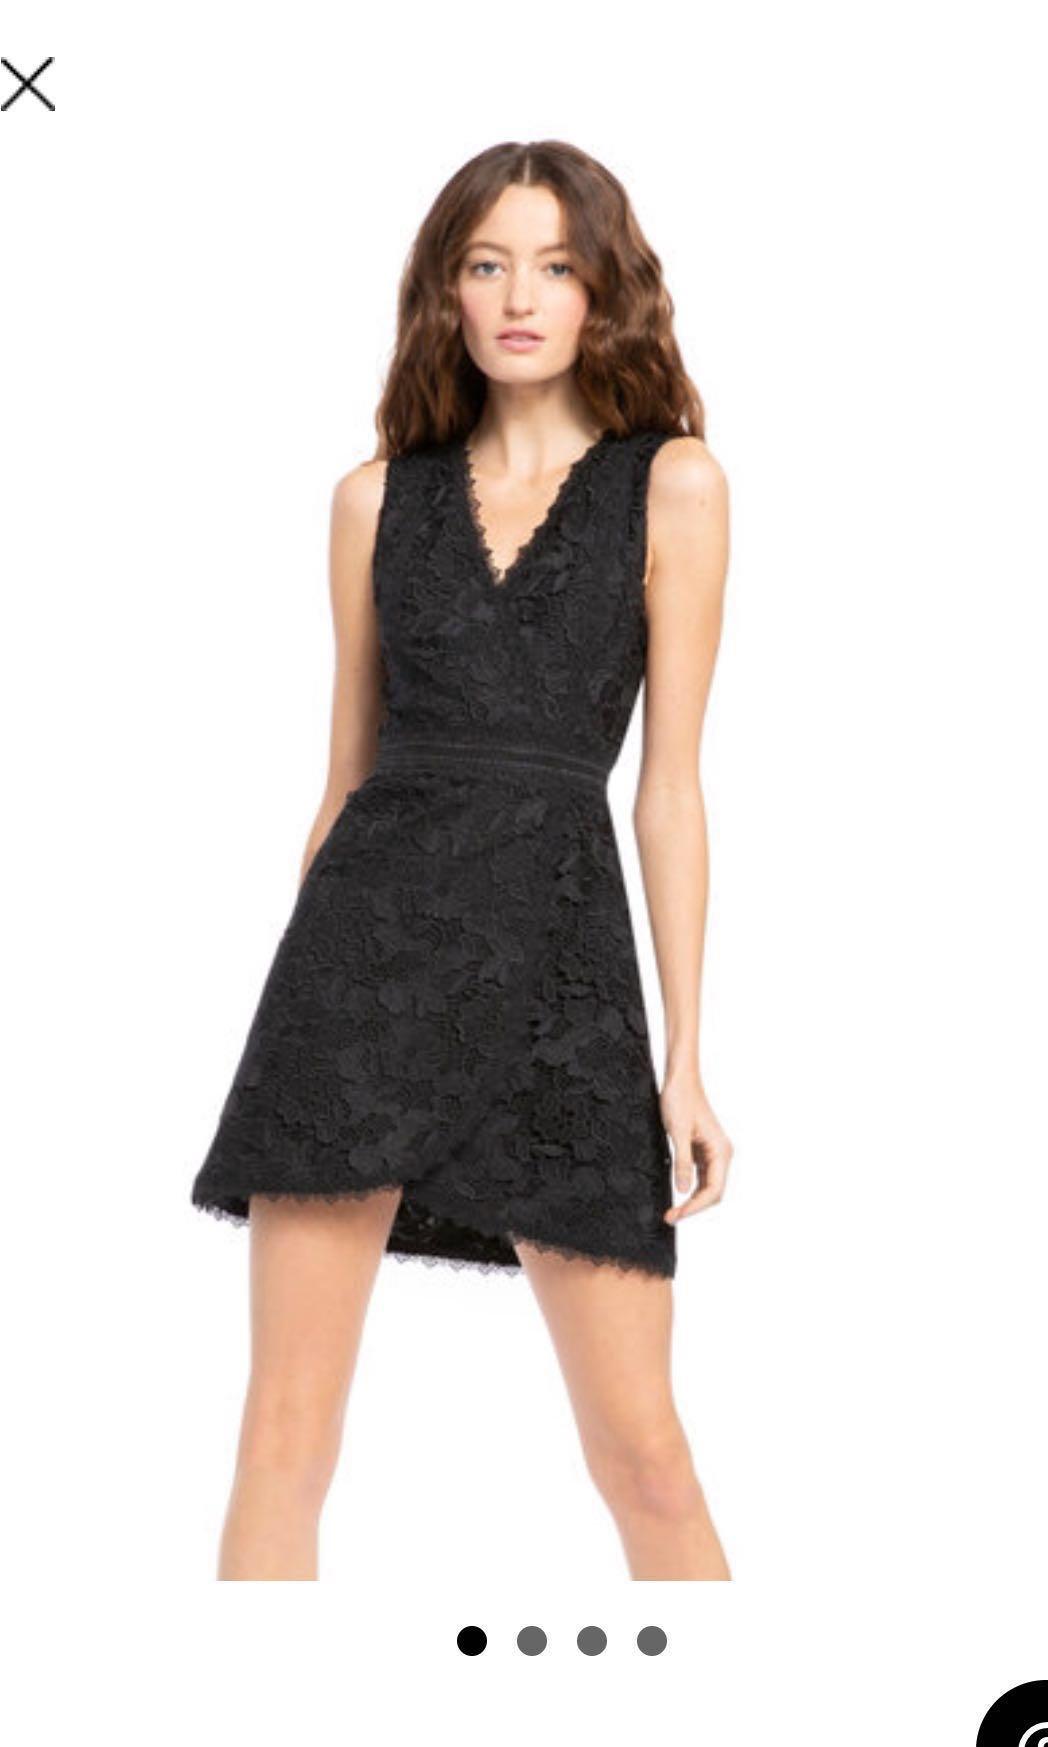 833af782e5 Alice + Olivia black lace dress